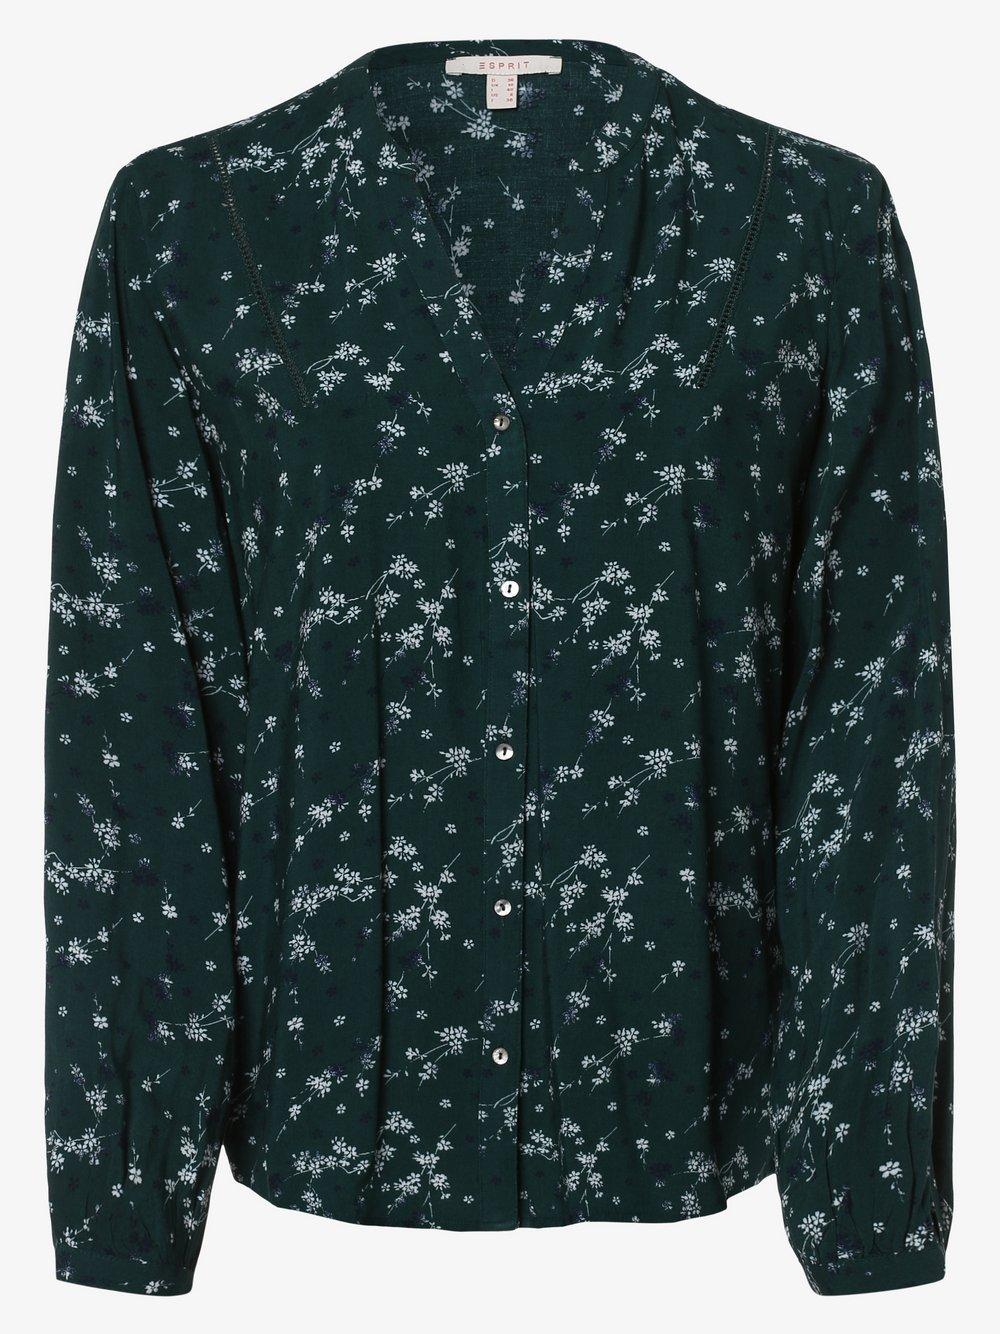 Esprit Casual – Bluzka damska, zielony Van Graaf 457207-0002-00380